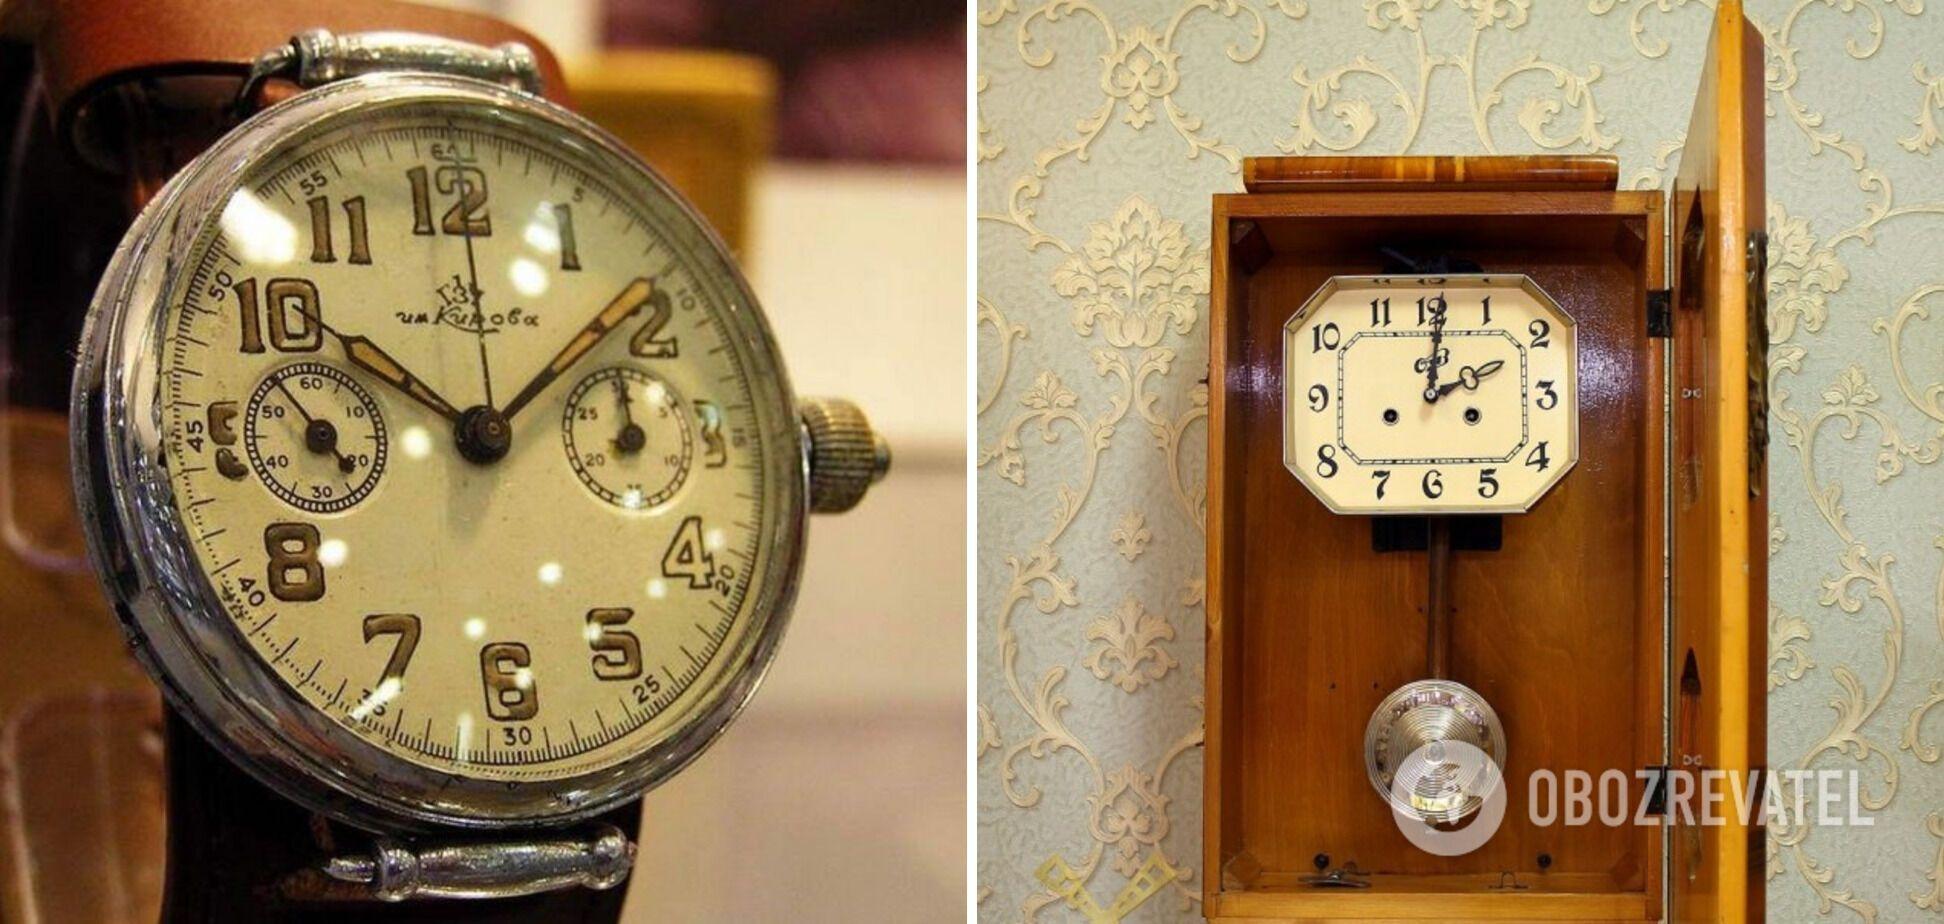 Часы времен СССР дорого стоят.